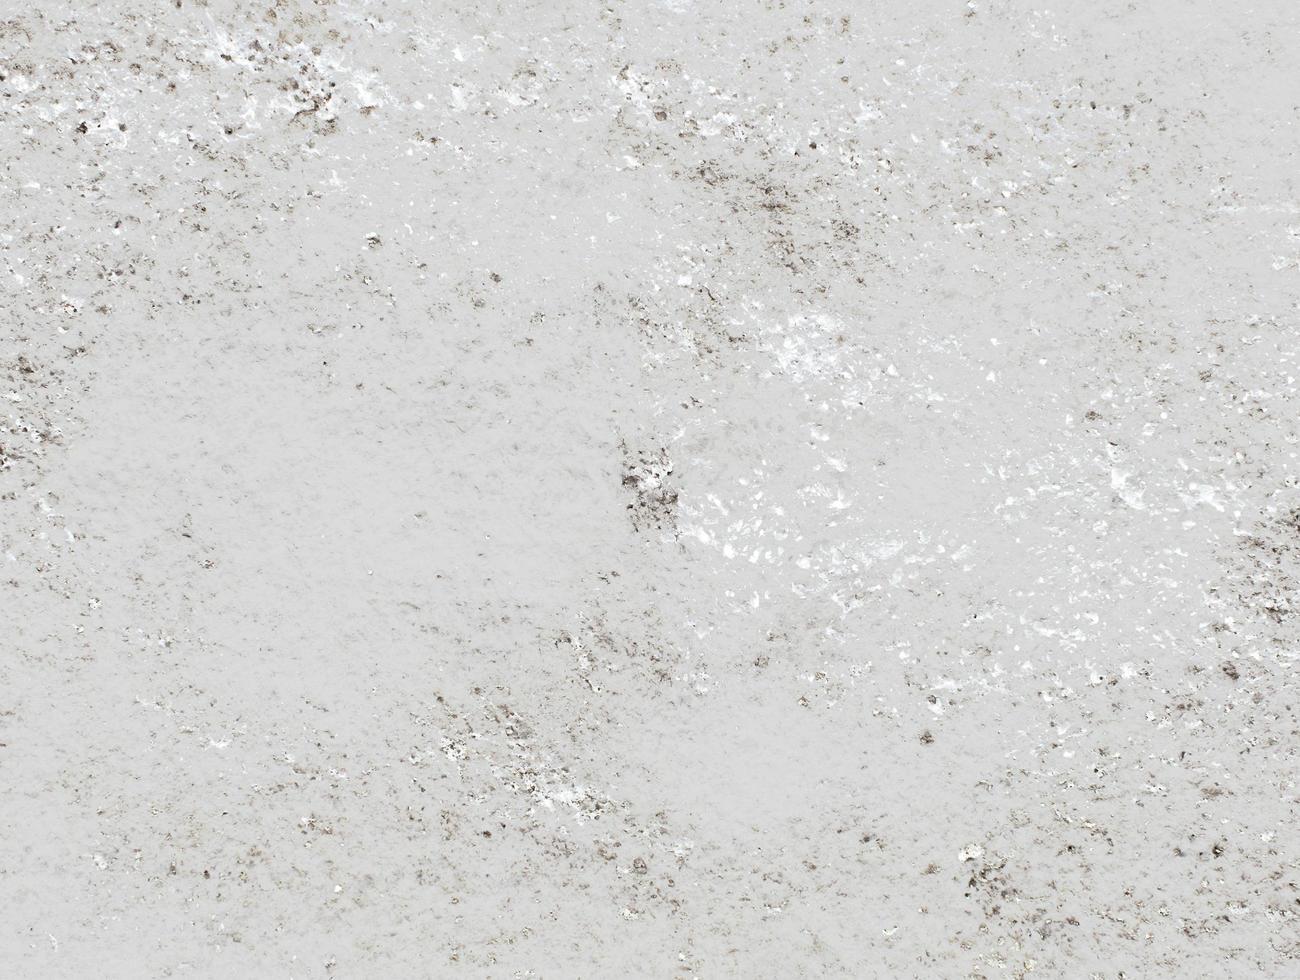 fond de texture de pierre de granit photo